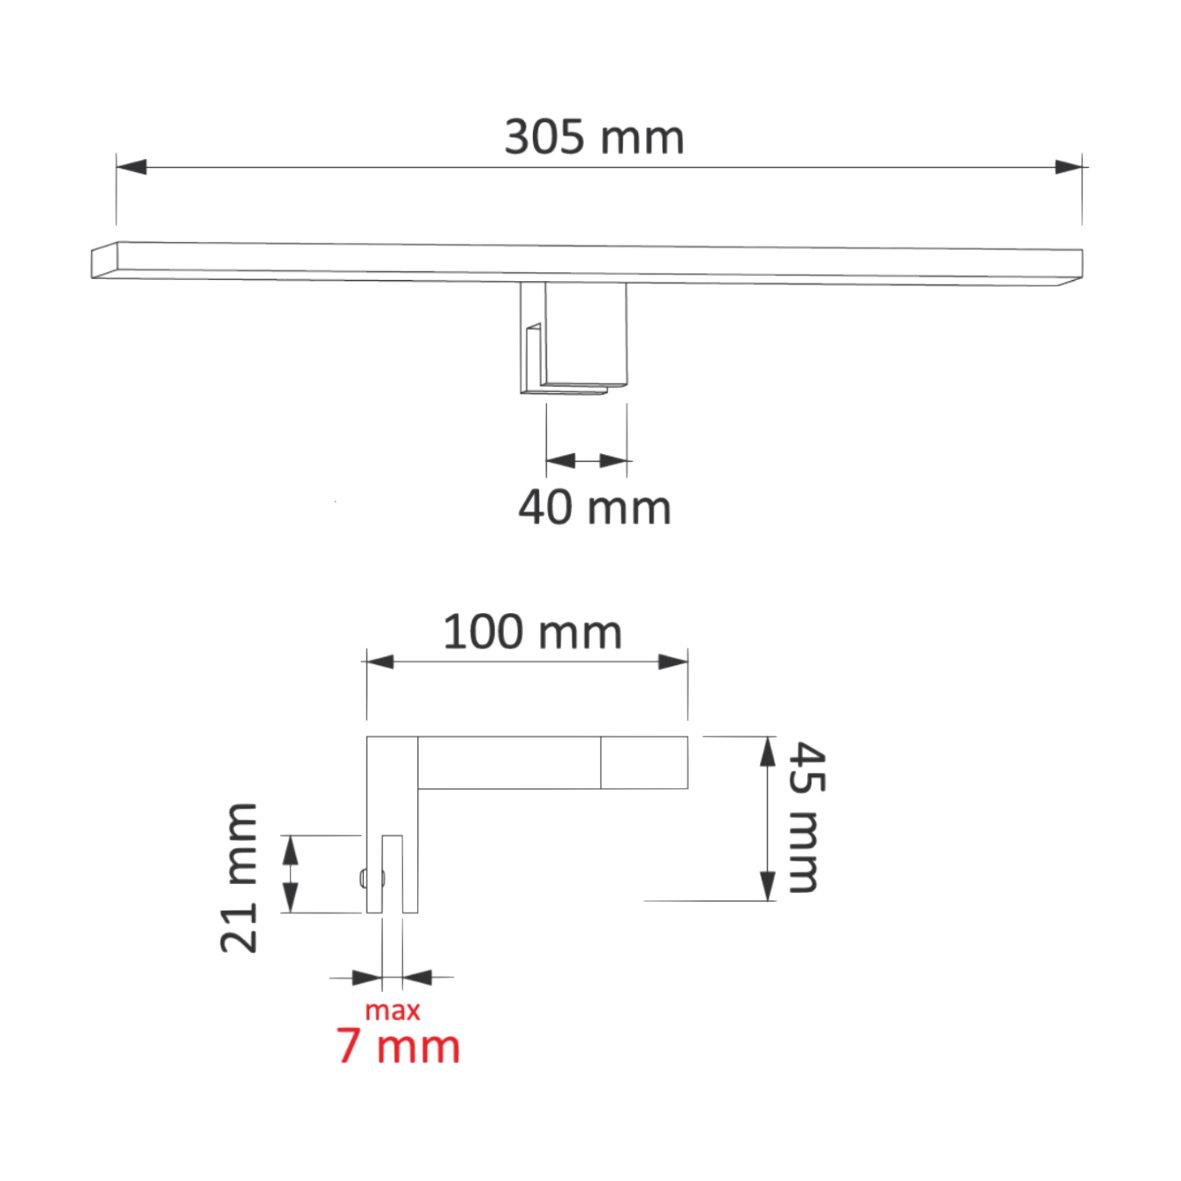 Led spiegelleuchte 4 5w ip44 230v aufsatzleuchte for Design artikel shop